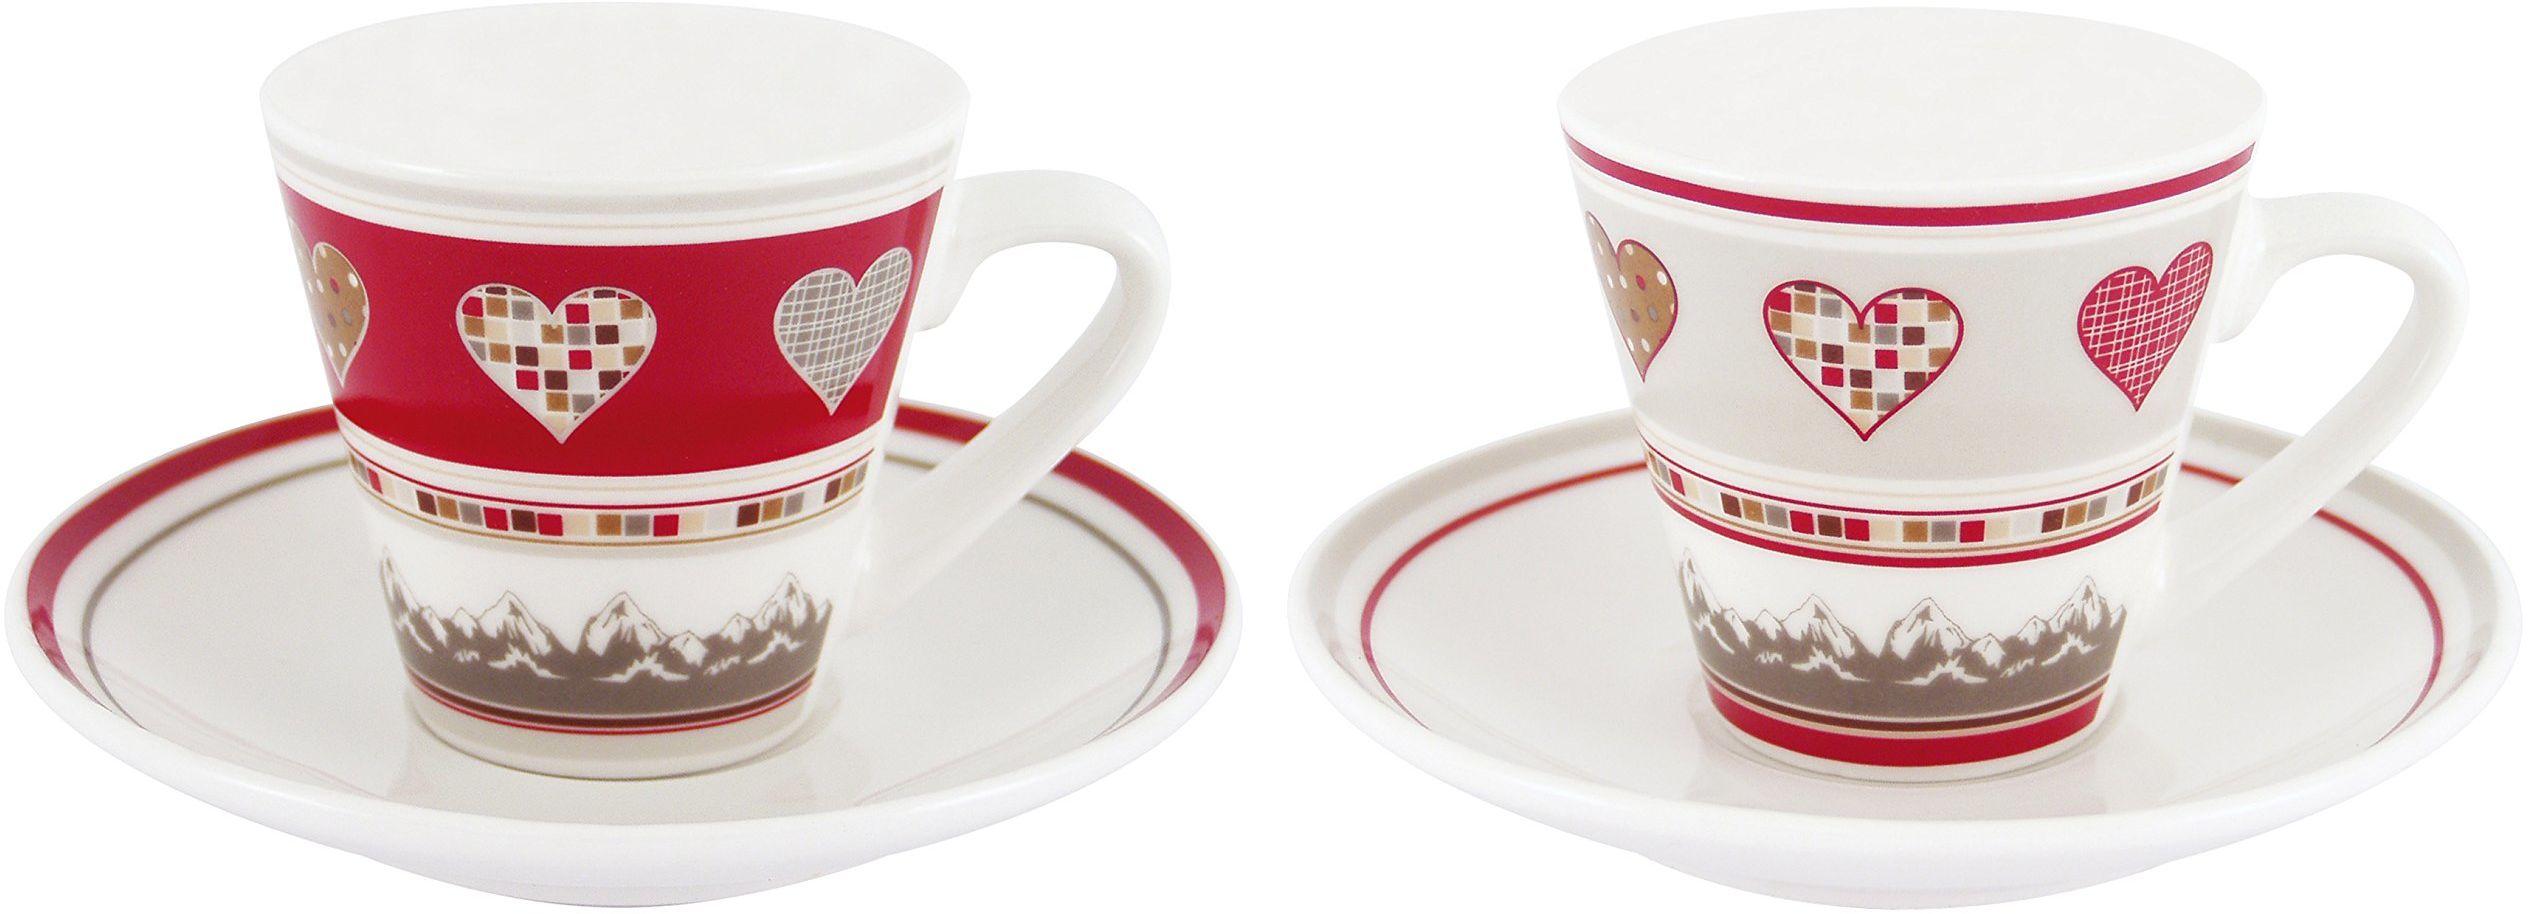 Générique 3015 Duo filiżanki espresso, serca, pudełko prezentowe, porcelana, wys. 6 x śr. 6 cm, ceramika, czerwona, szara, 19 x 13,5 x 6,5 cm